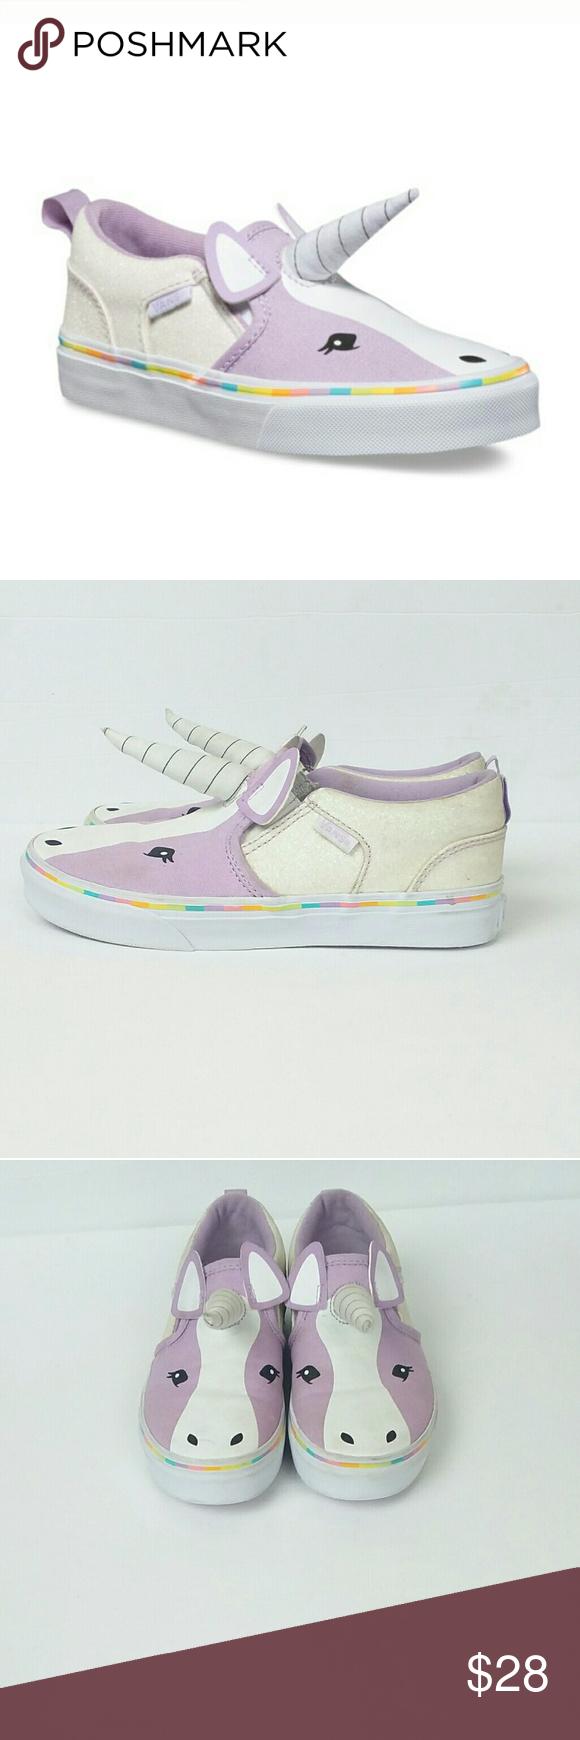 5413b398d8 VANS Kids Asher Unicorn Shoes Sz 3 Great Condition!!! VANS Kids Asher  Unicorn